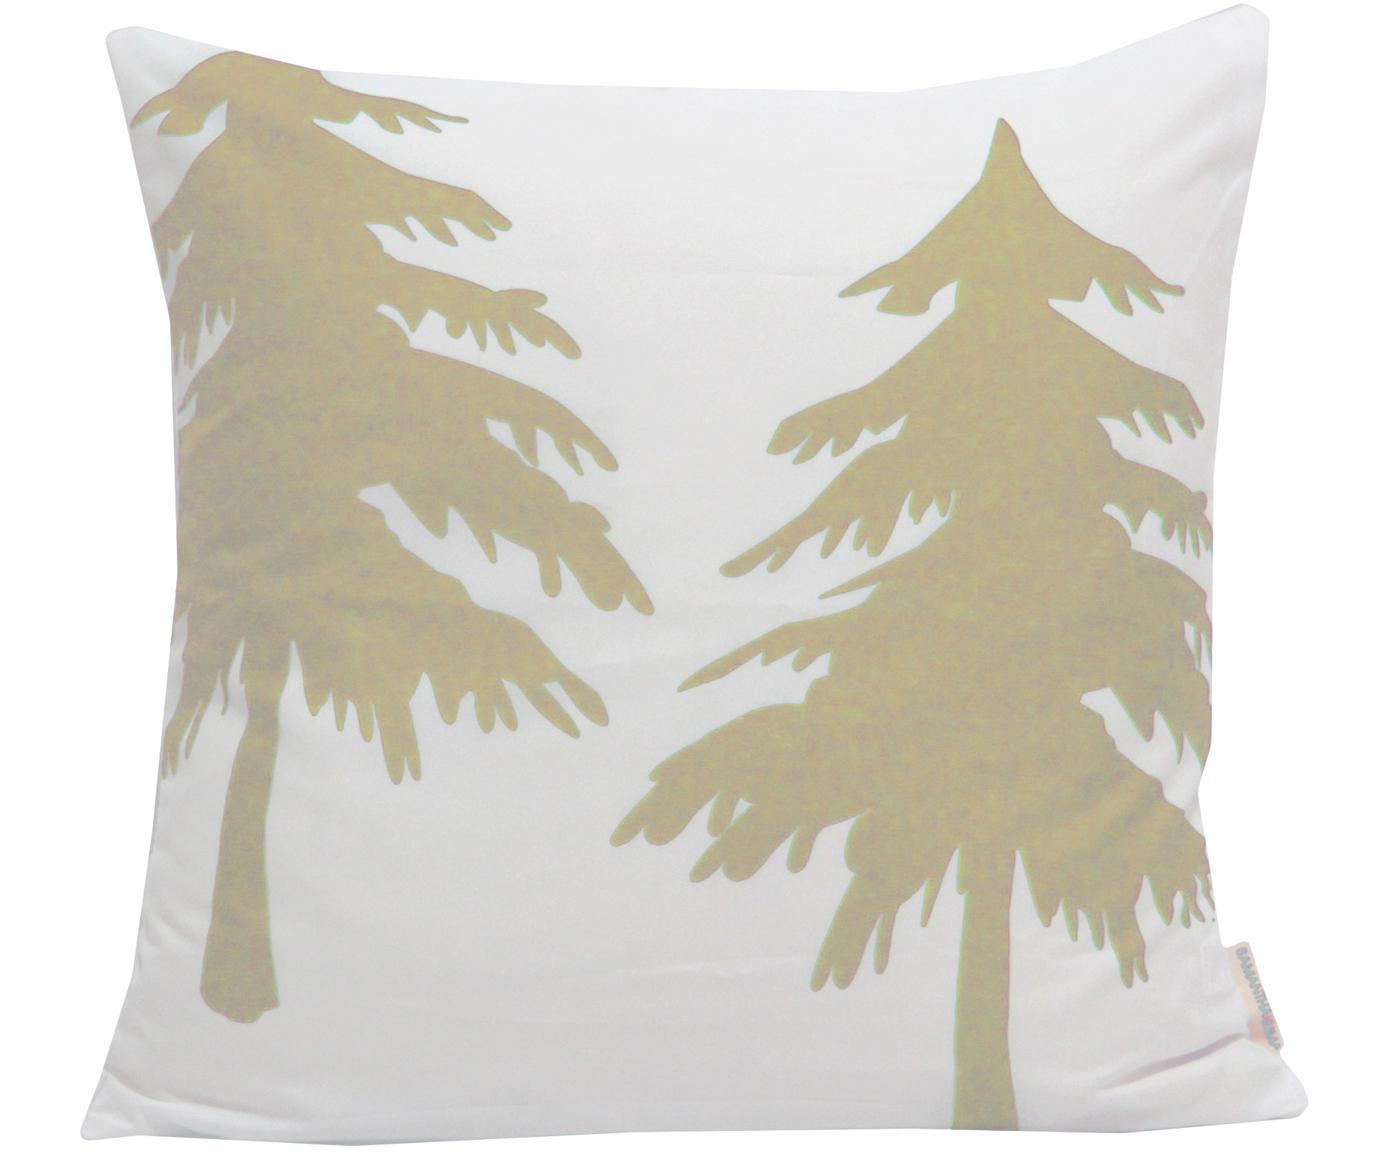 Samt-Kissenhülle Trees mit Tannenbäumen, Polyestersamt, Weiß, Beige, 45 x 45 cm